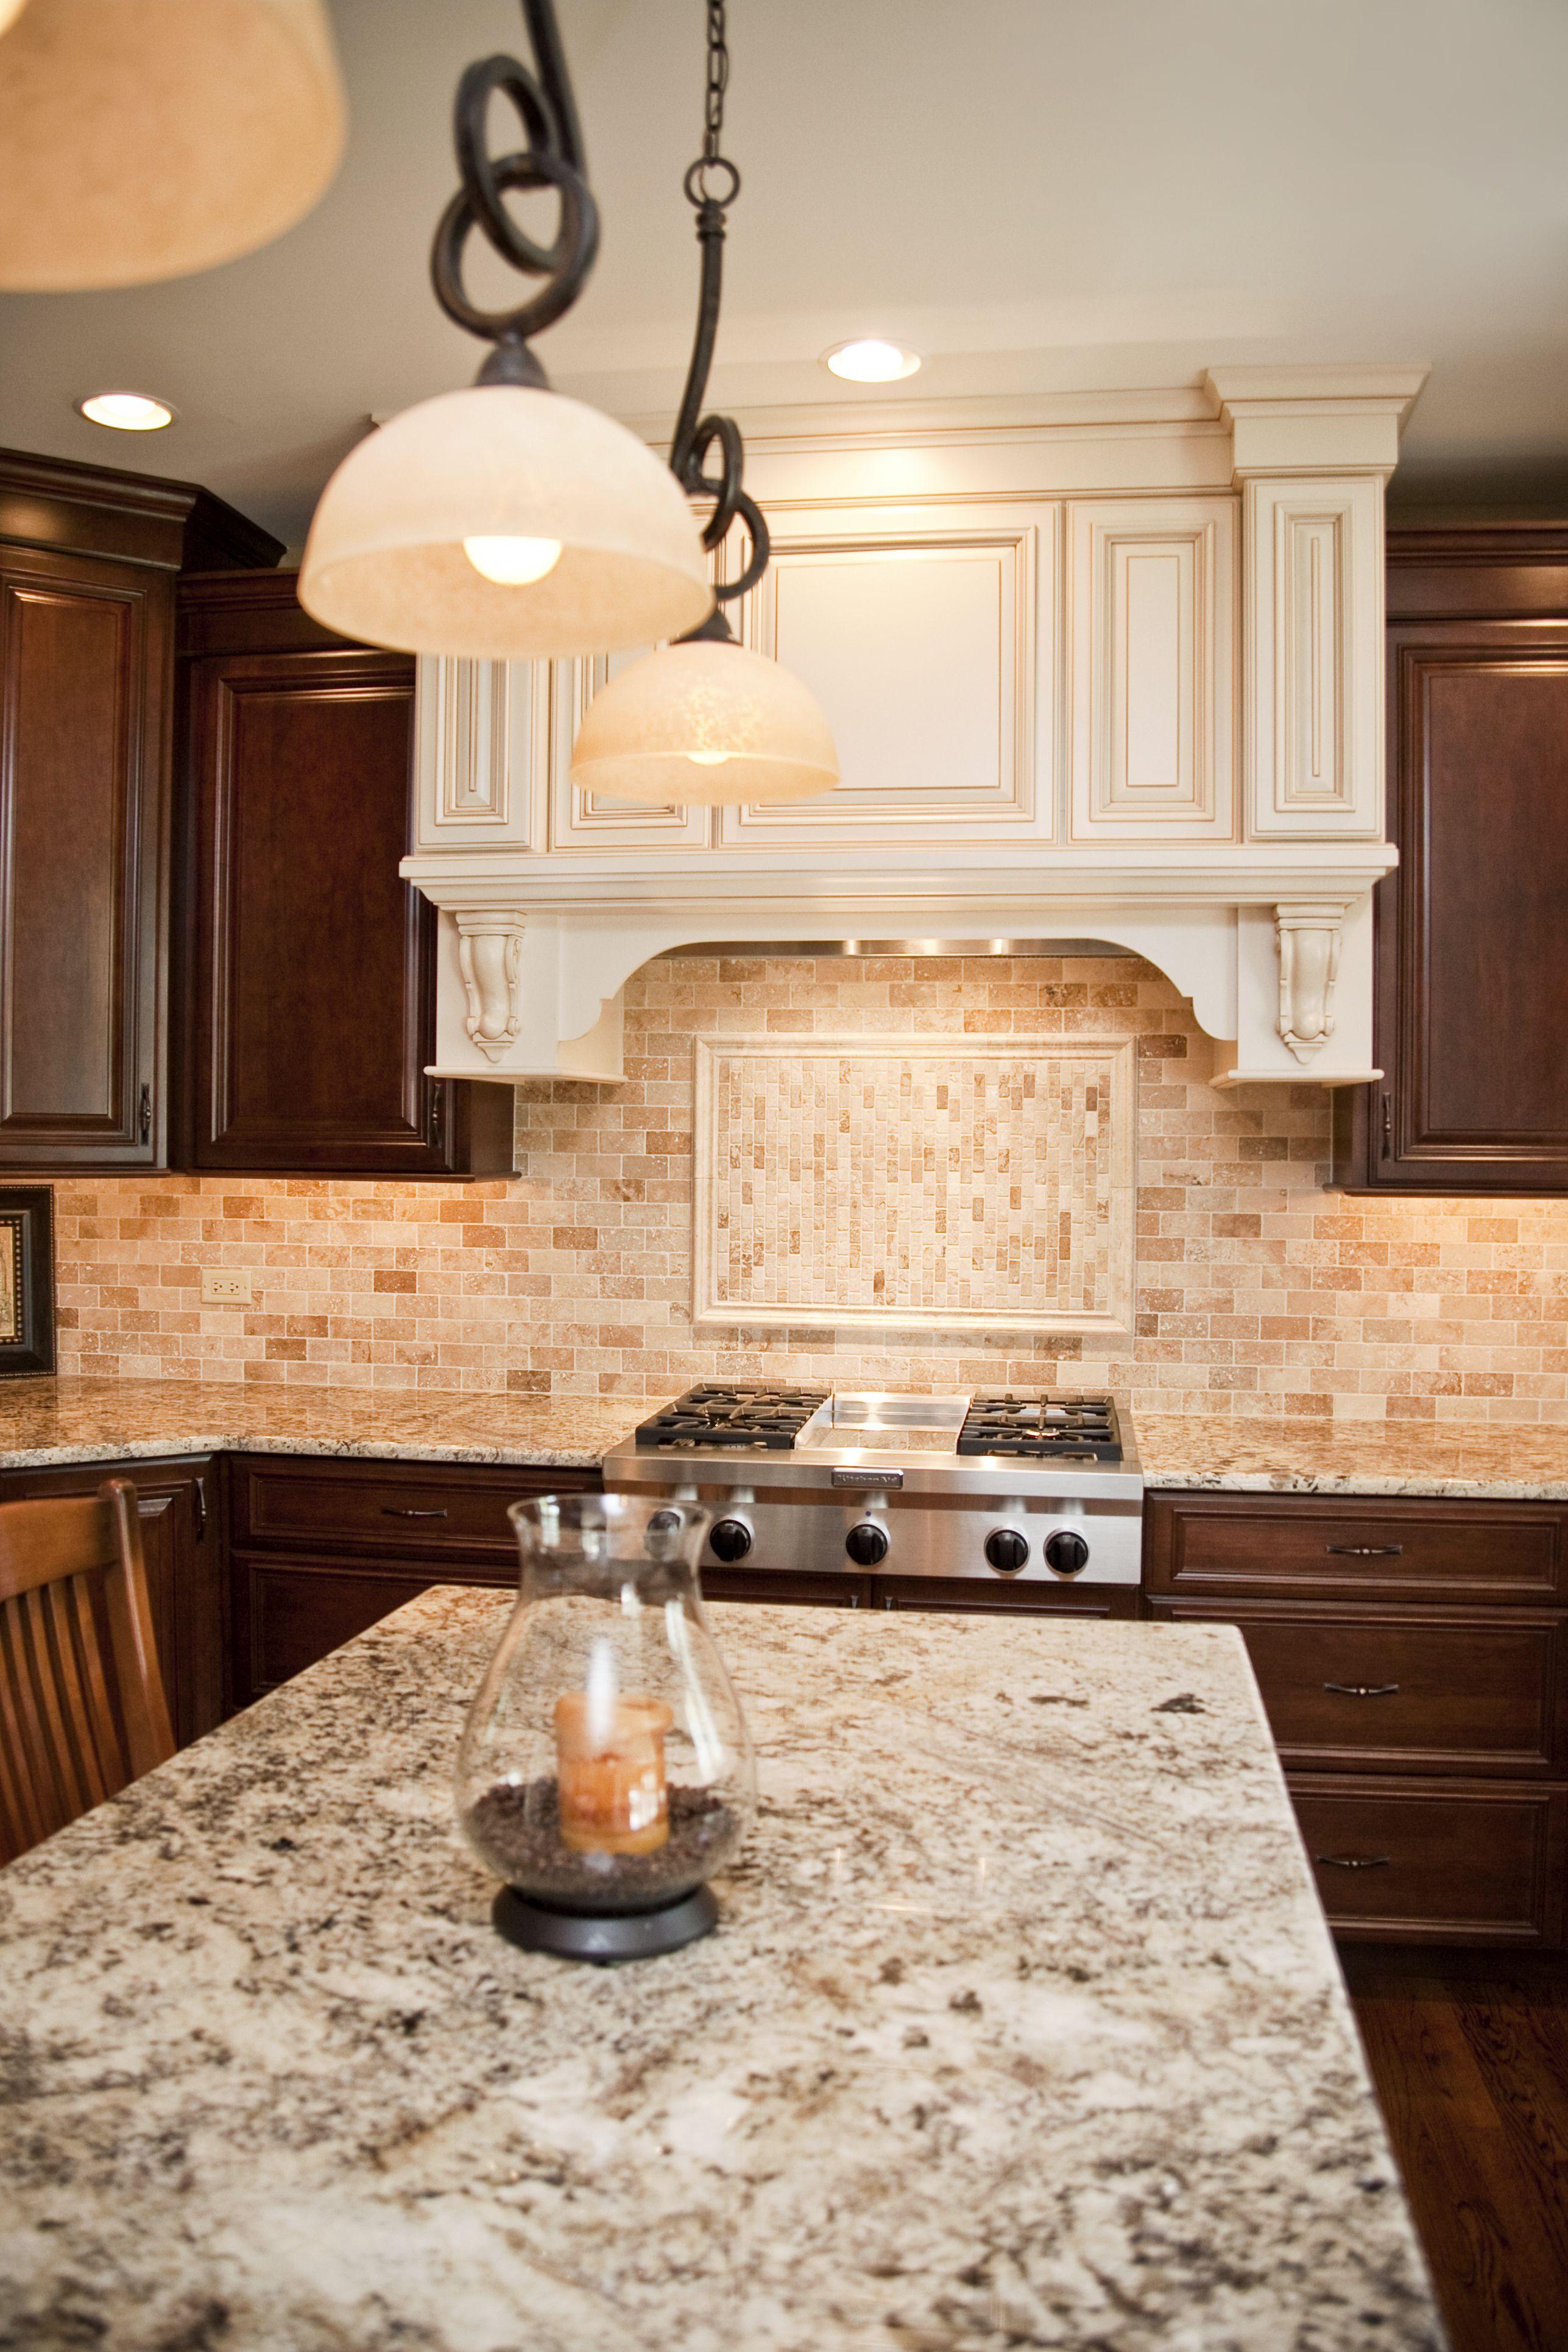 Aurora IL kitchen remodel Travertine stone backsplash and